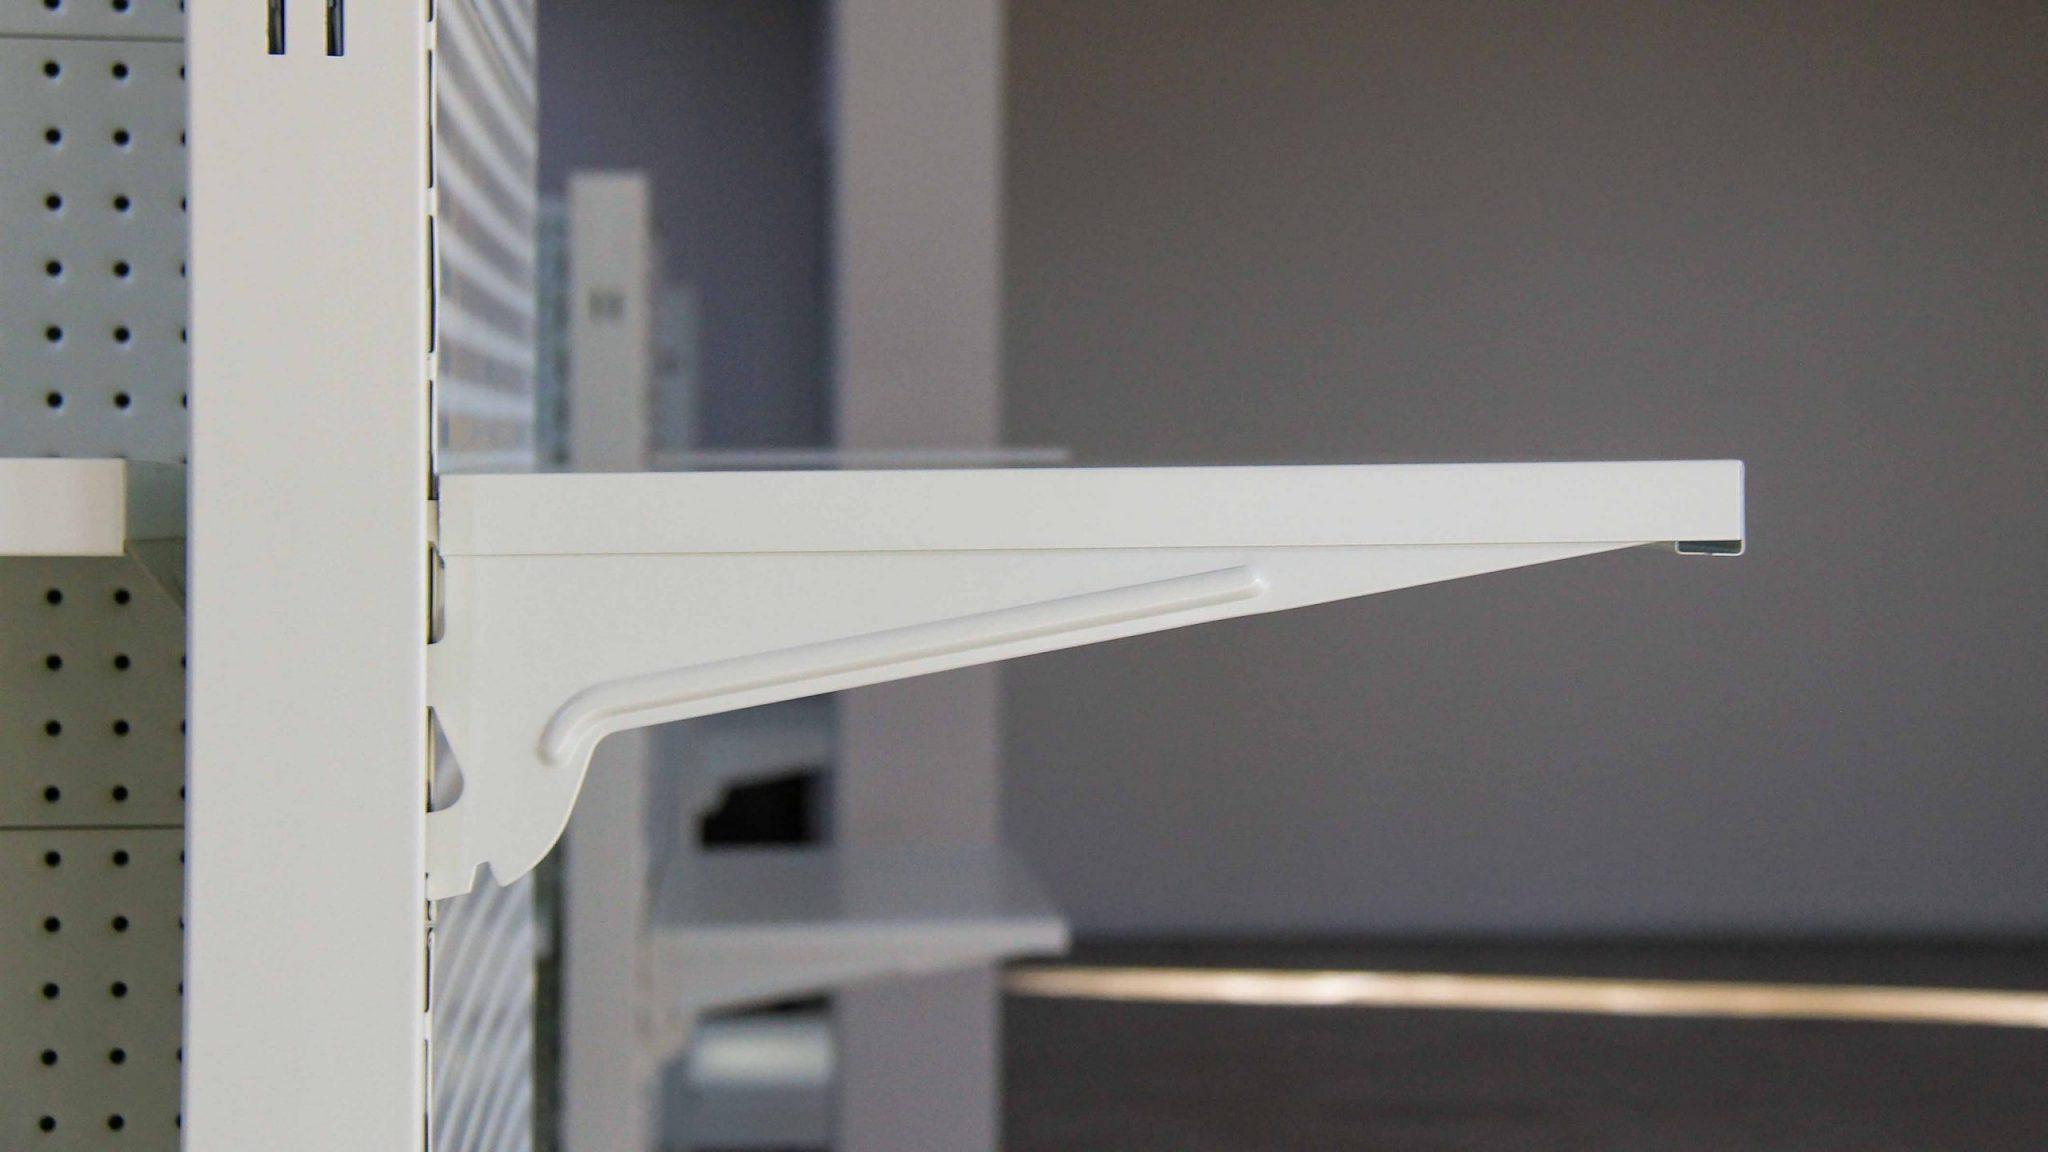 White Metal Godola Bracket and-Shelf